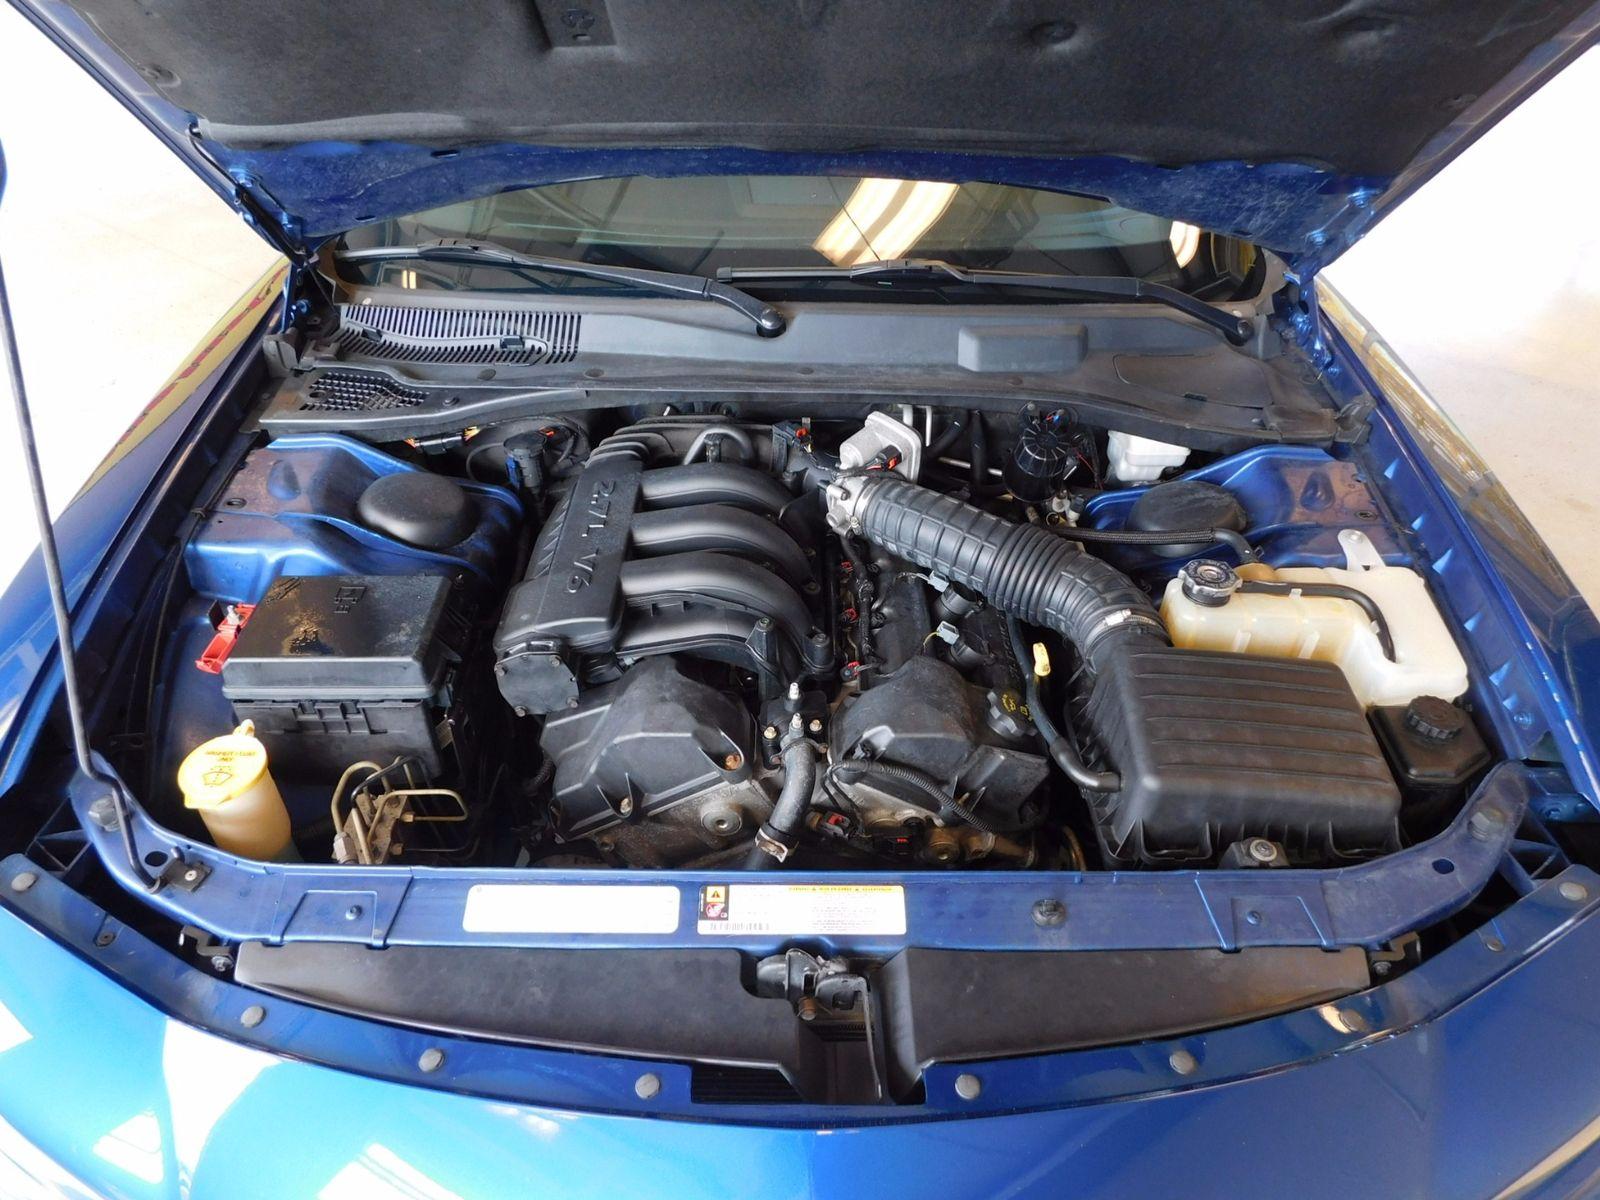 cool 2007 dodge charger 2 7 engine aratorn sport cars. Black Bedroom Furniture Sets. Home Design Ideas